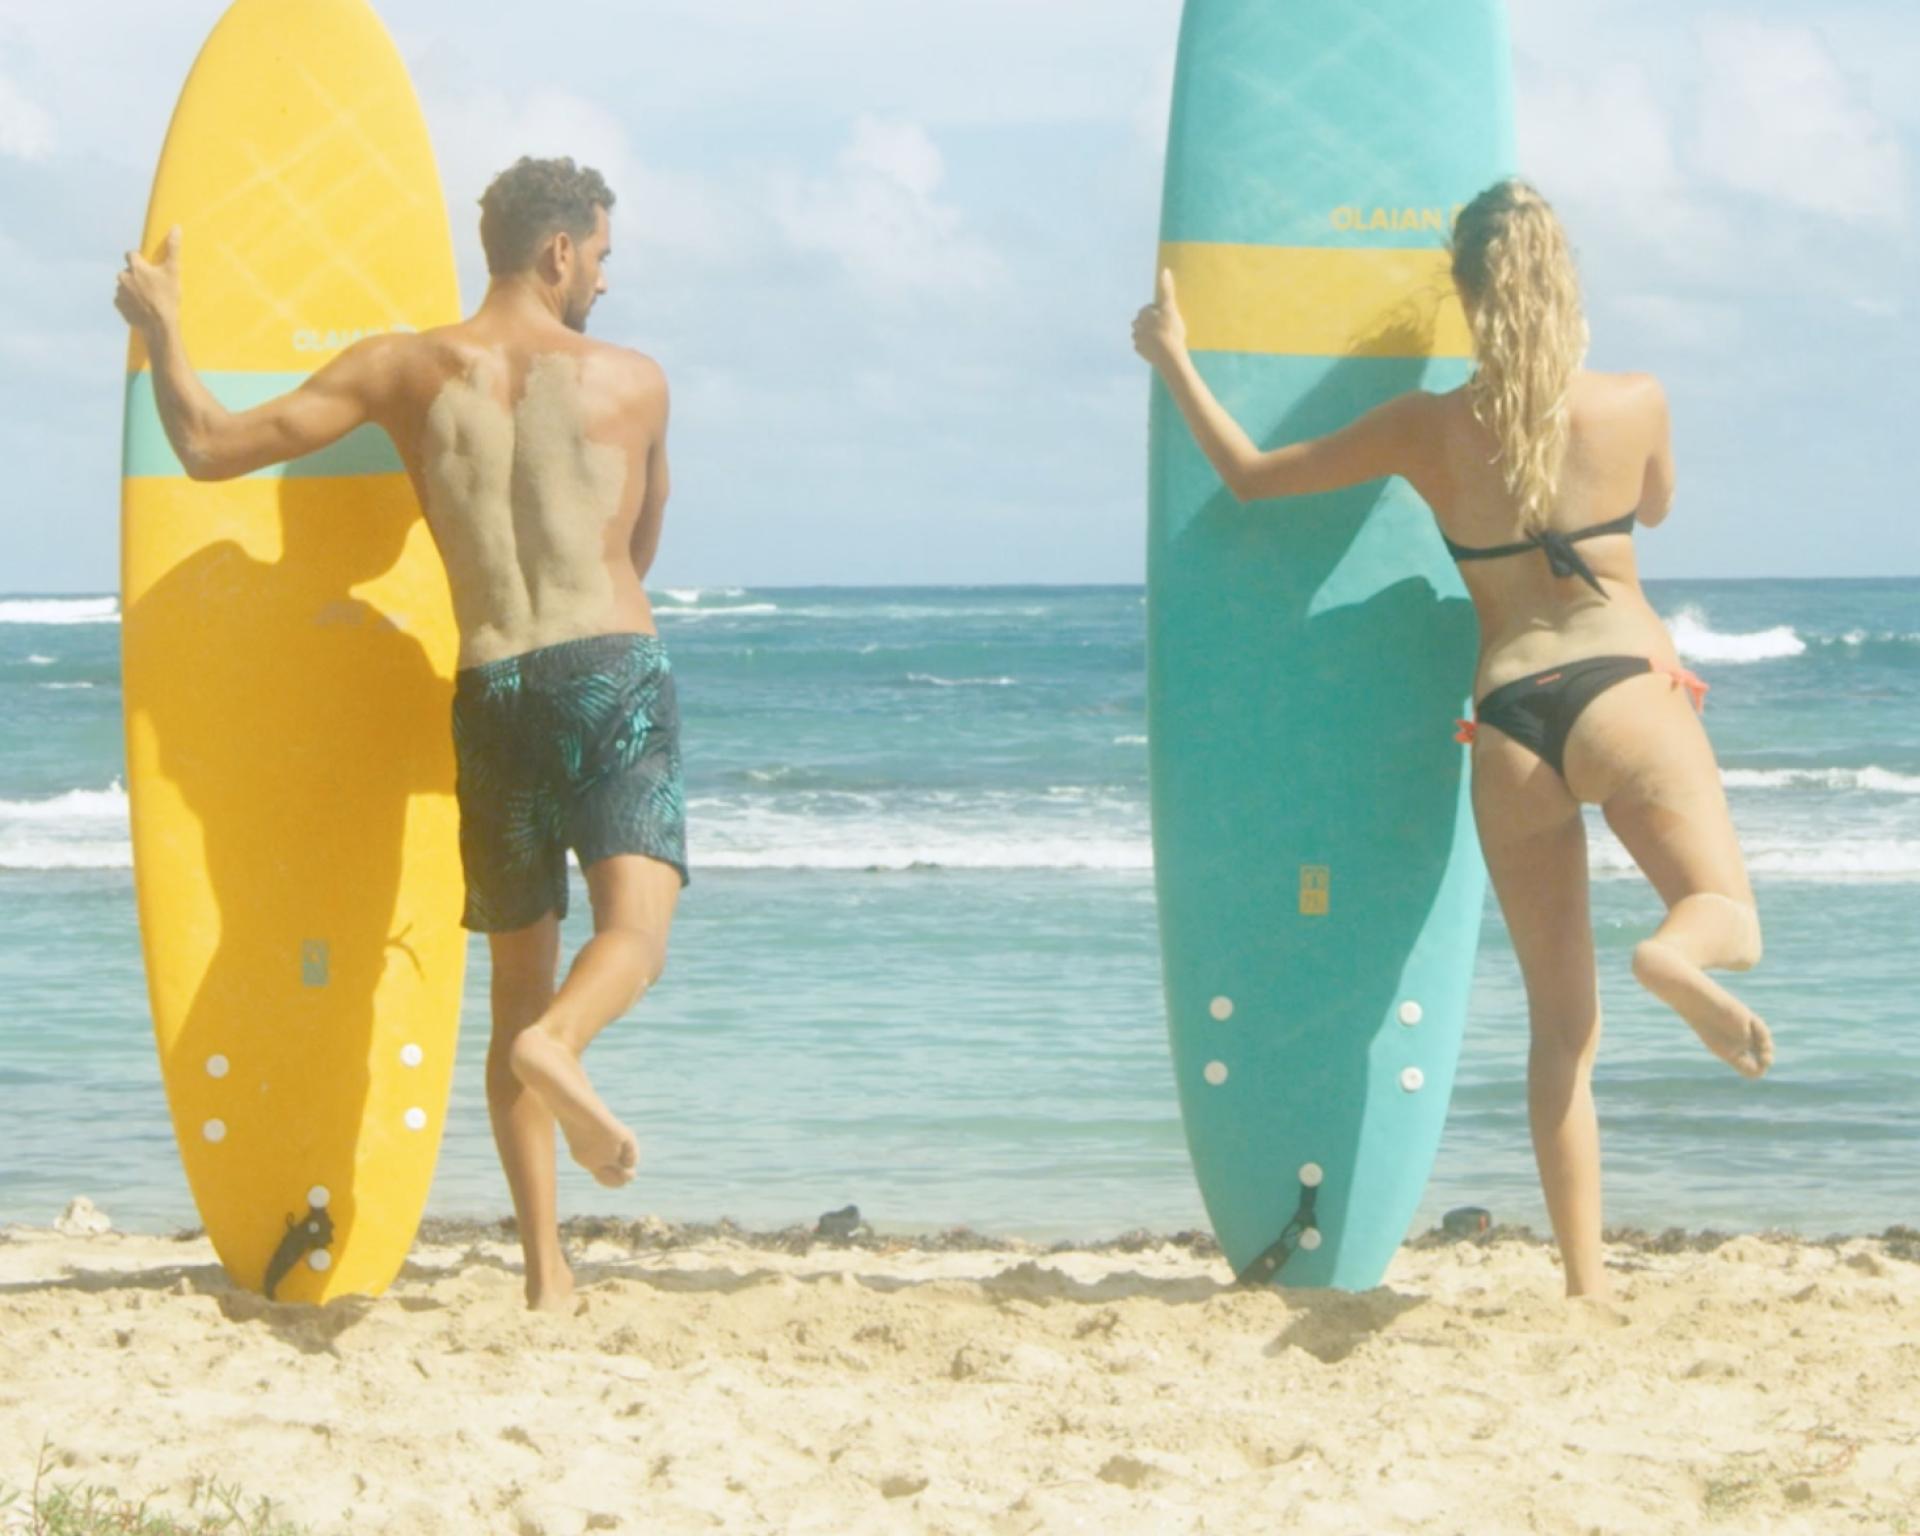 comment s'échauffer avant le surf